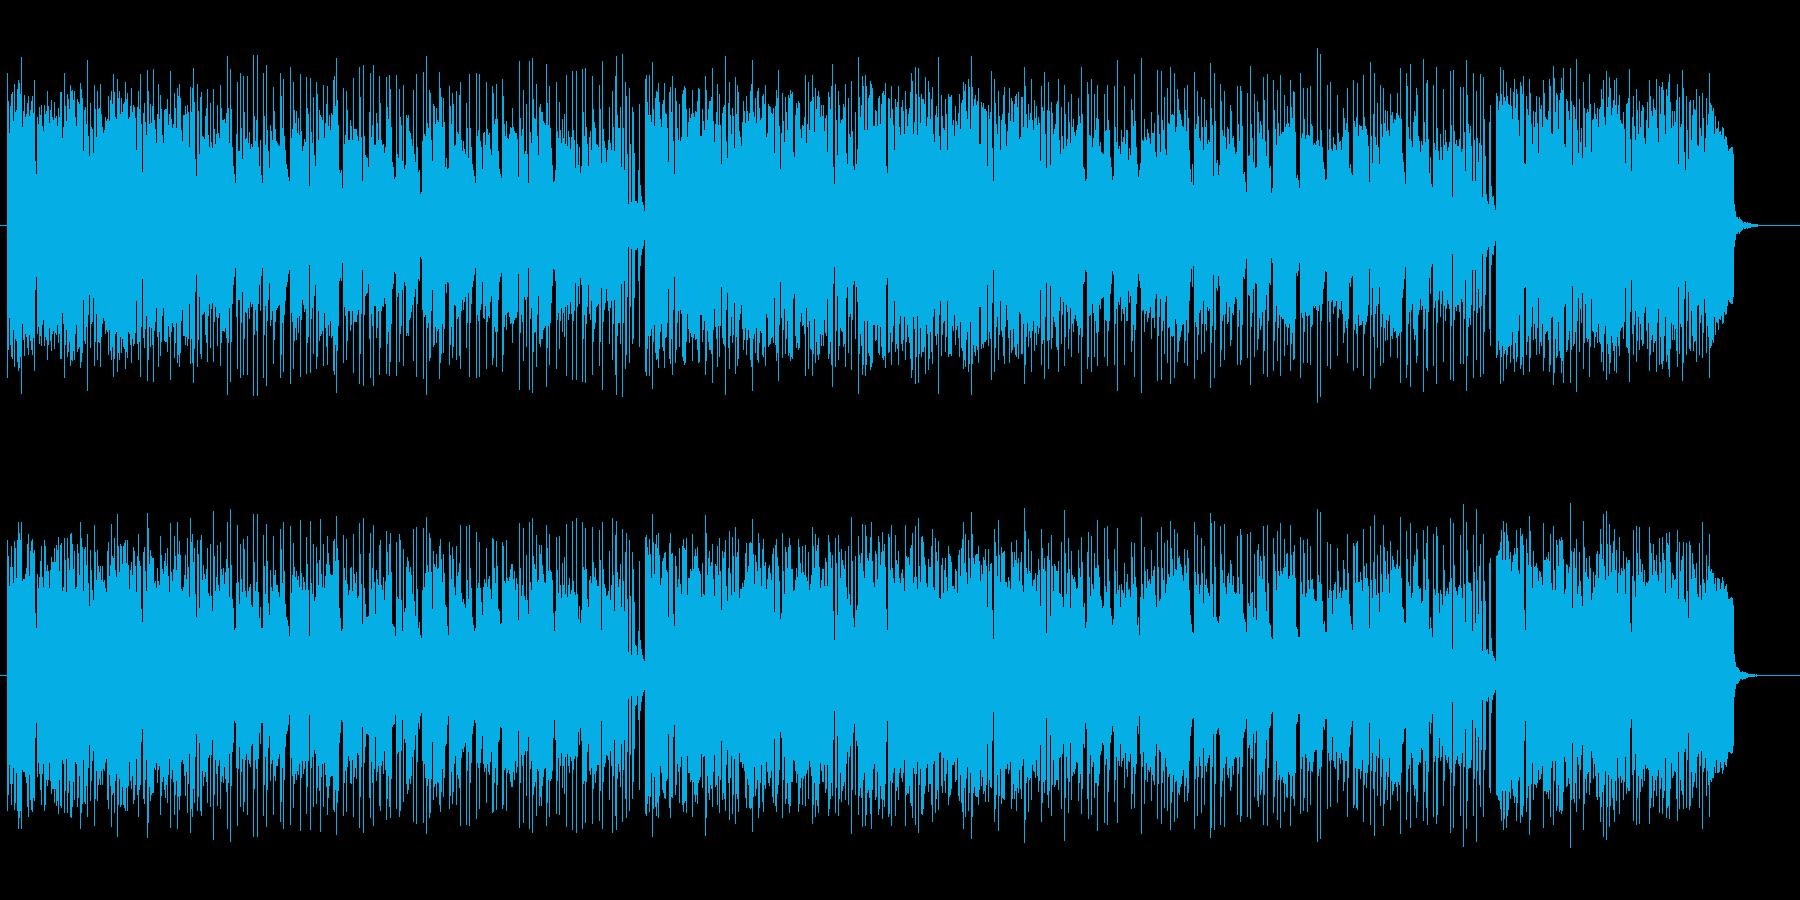 明るいアップテンポのシンセサイザーの曲の再生済みの波形